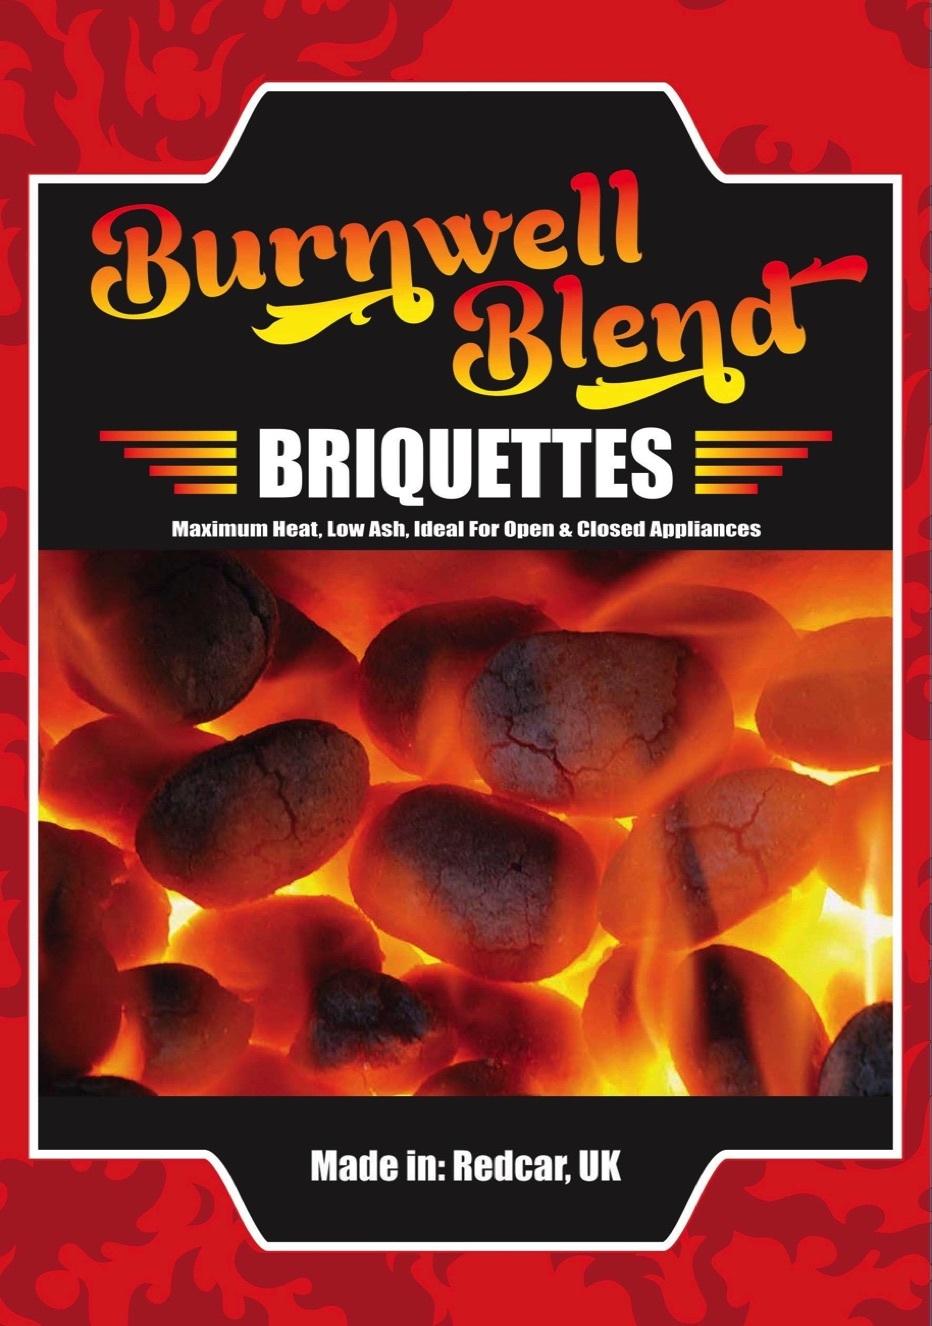 Burnwell Blend 40 x 25kg Bags